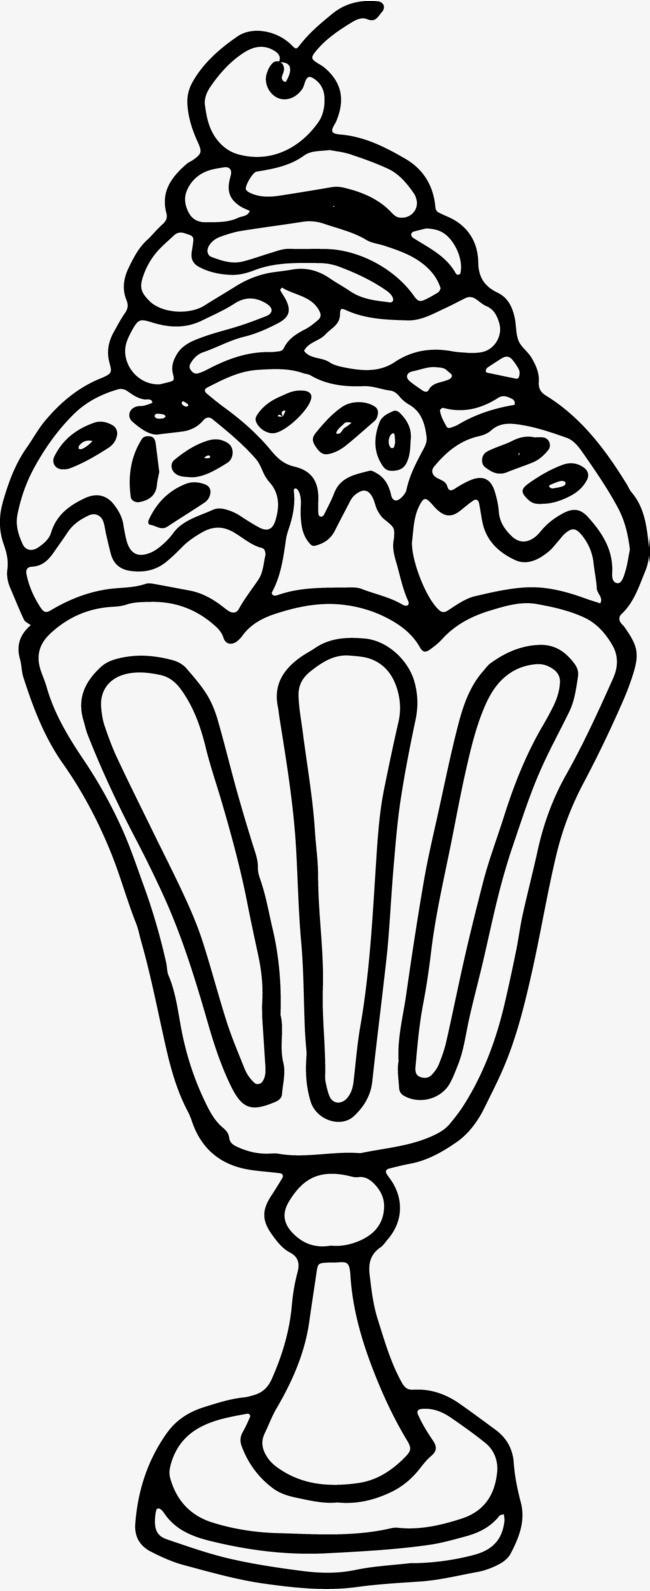 小甜品简笔画图片大全